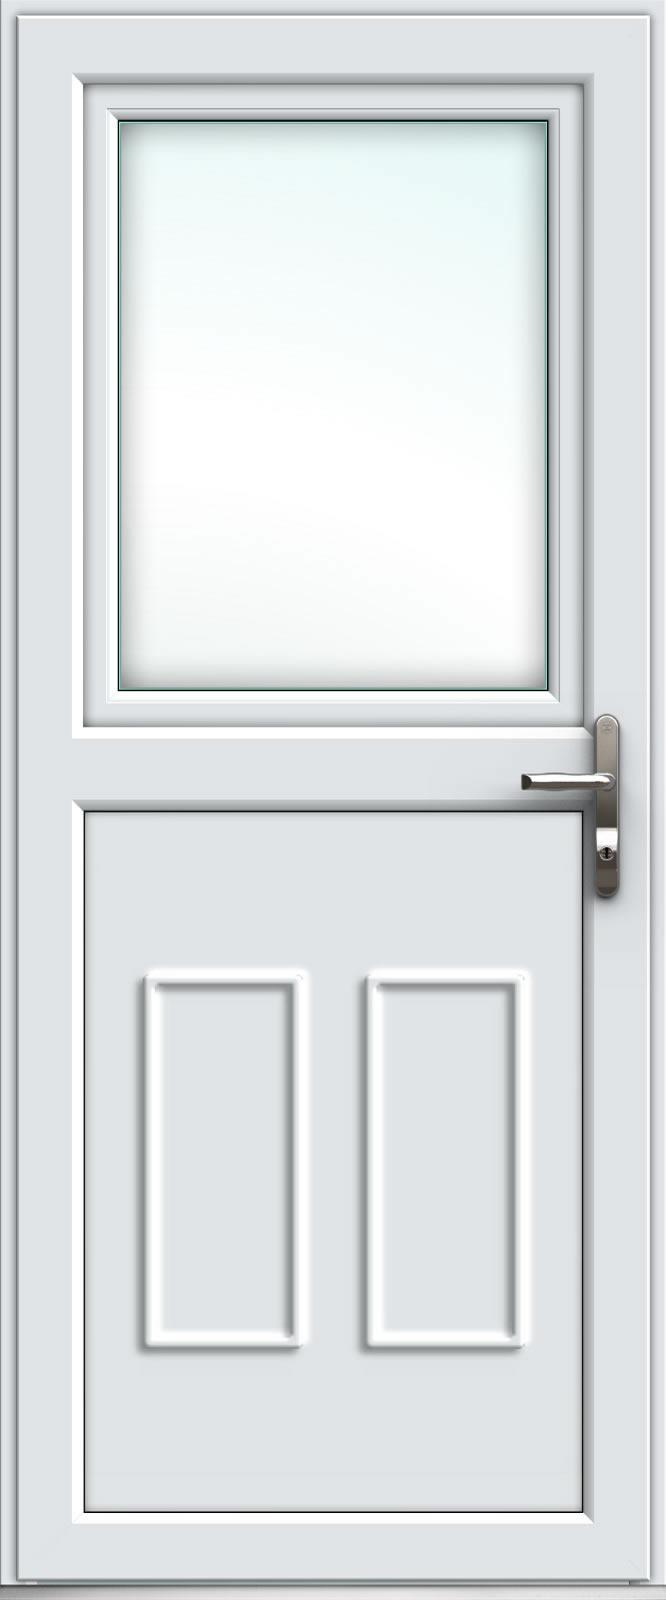 upvc stable door edwardian style just value doors